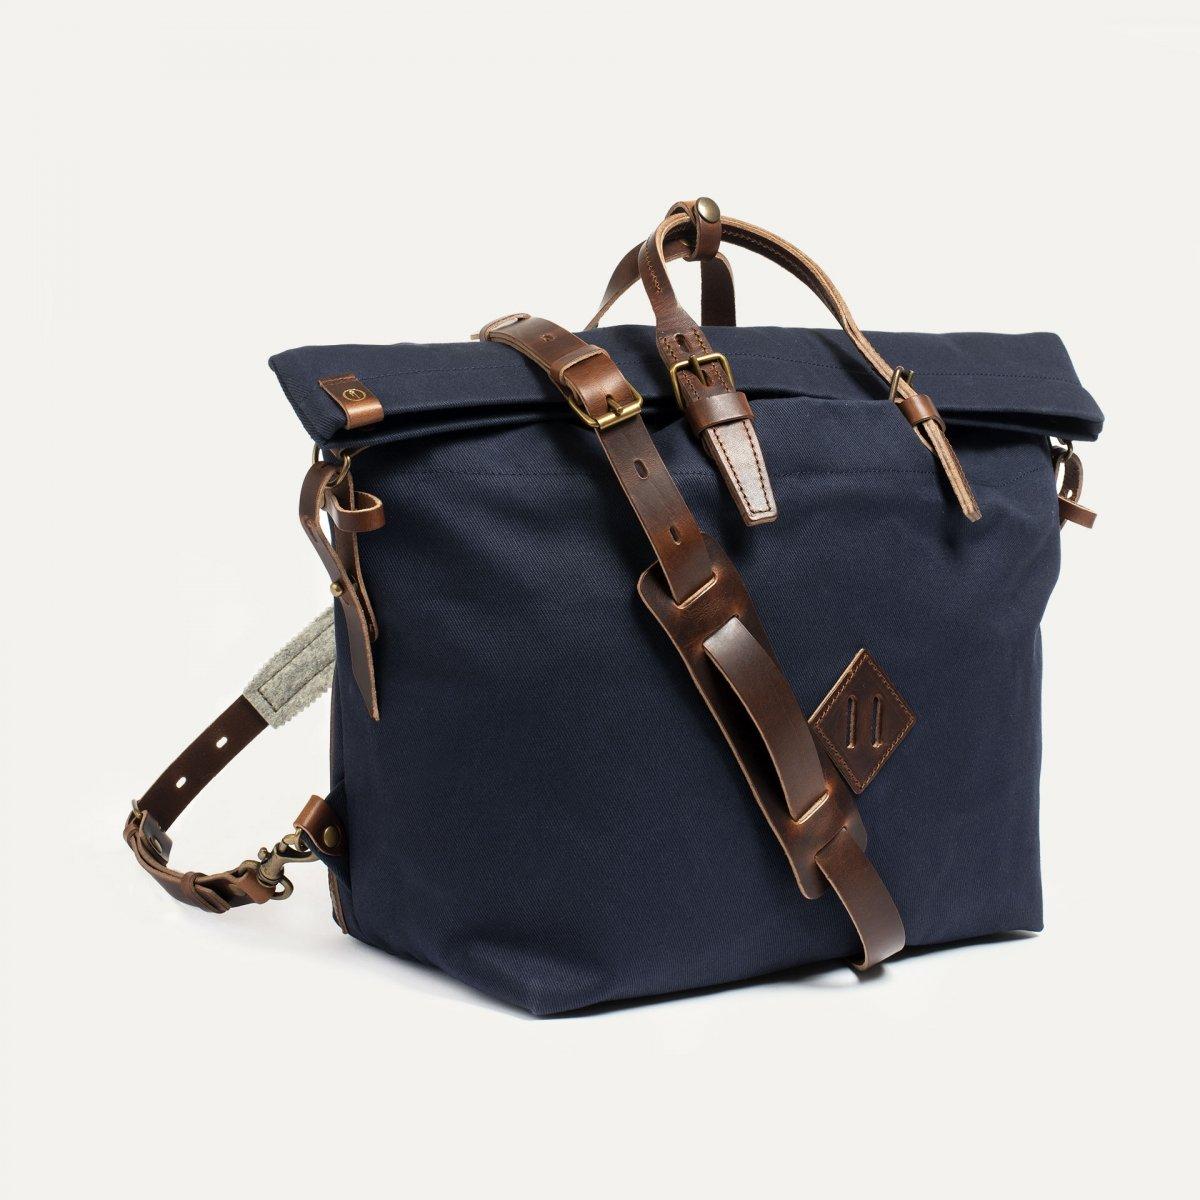 Woody L Backpack - Peacoat Blue (image n°2)